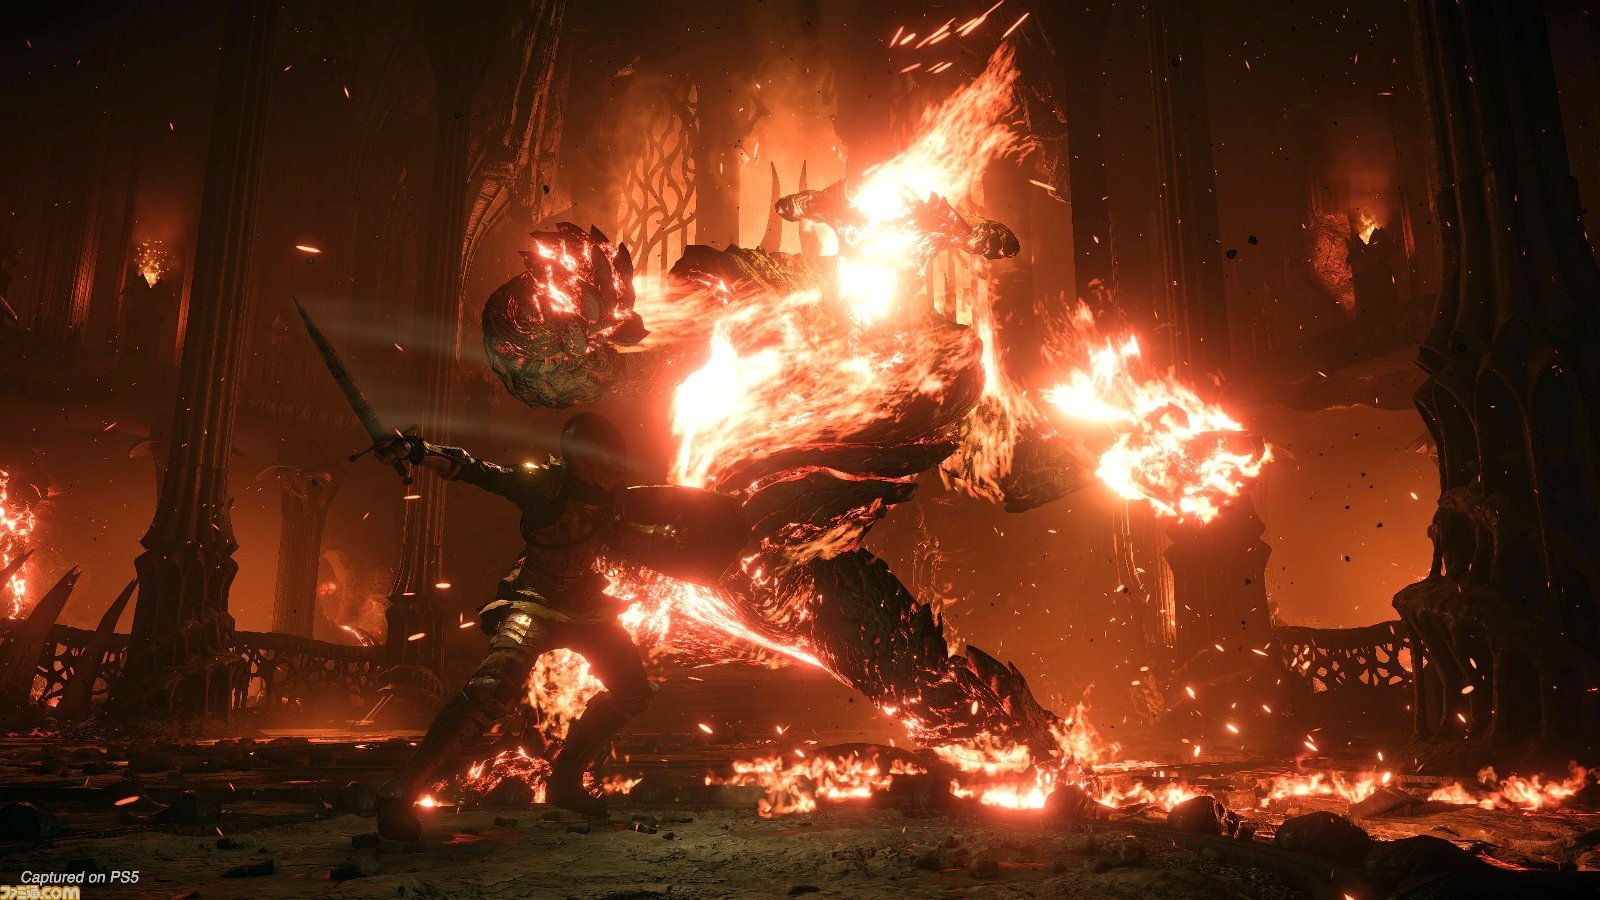 《恶魔之魂:重制版》最新演示与原版对比 画面大改